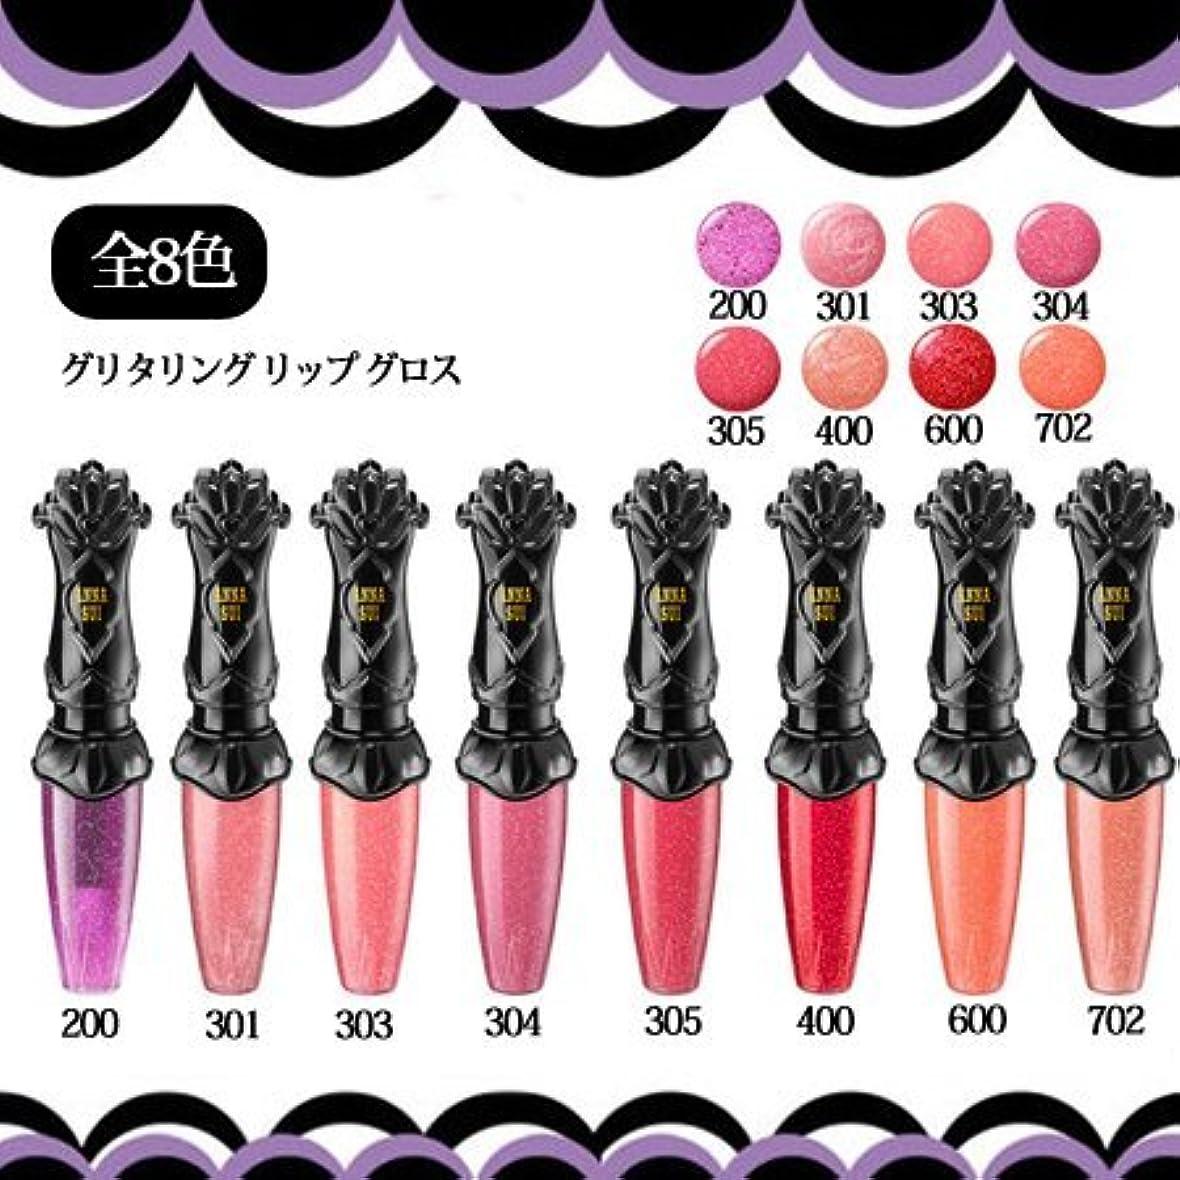 つづりラッチに対処するアナスイ グリタリング リップグロス 全8色 -ANNA SUI-【並行輸入品】 400